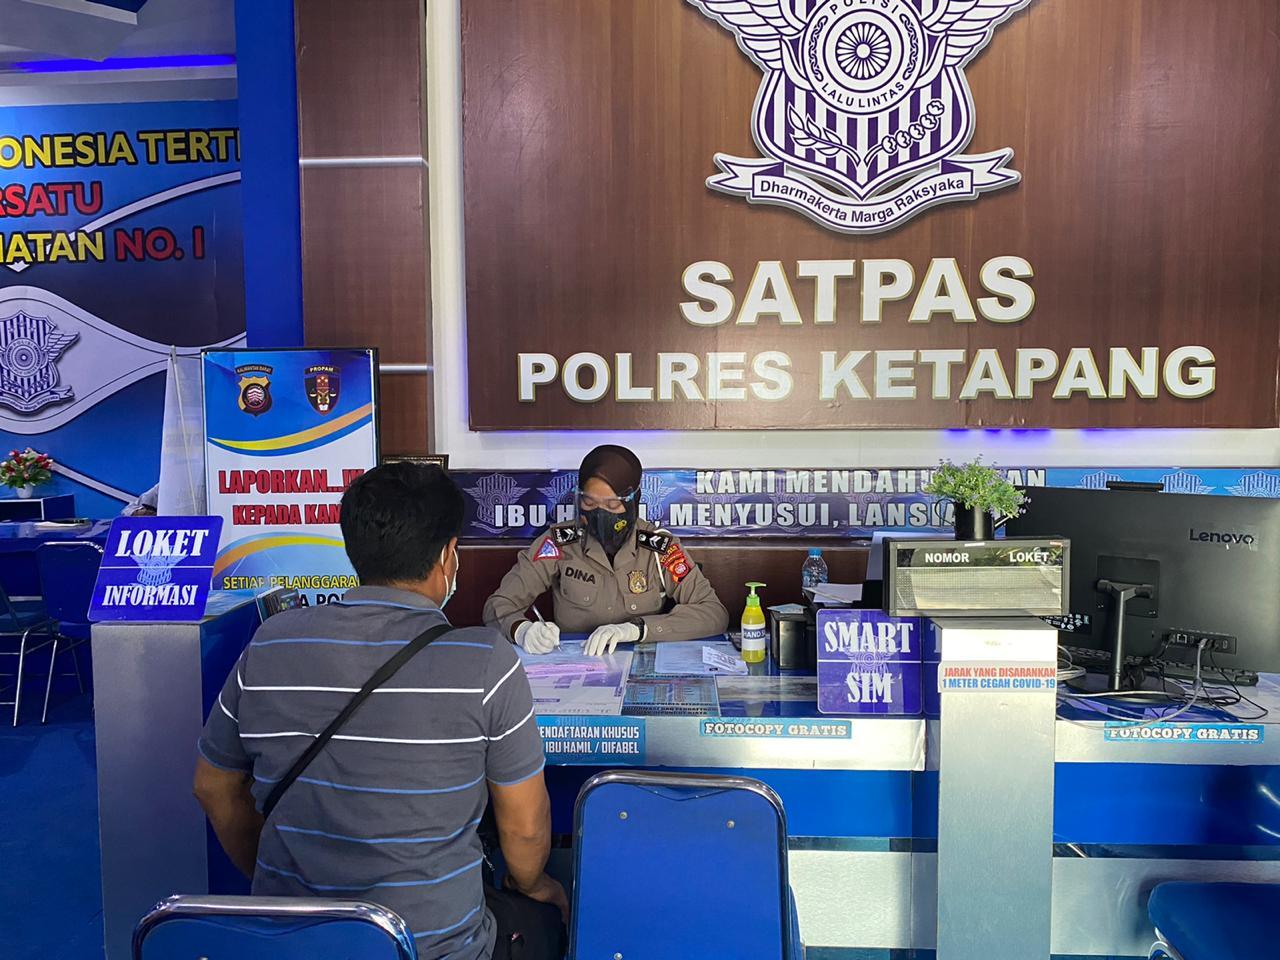 Syarat Penerbitan SIM, di Pelayanan Satpas Ketapang Jalan Urip Sumoharjo, Mulia Baru